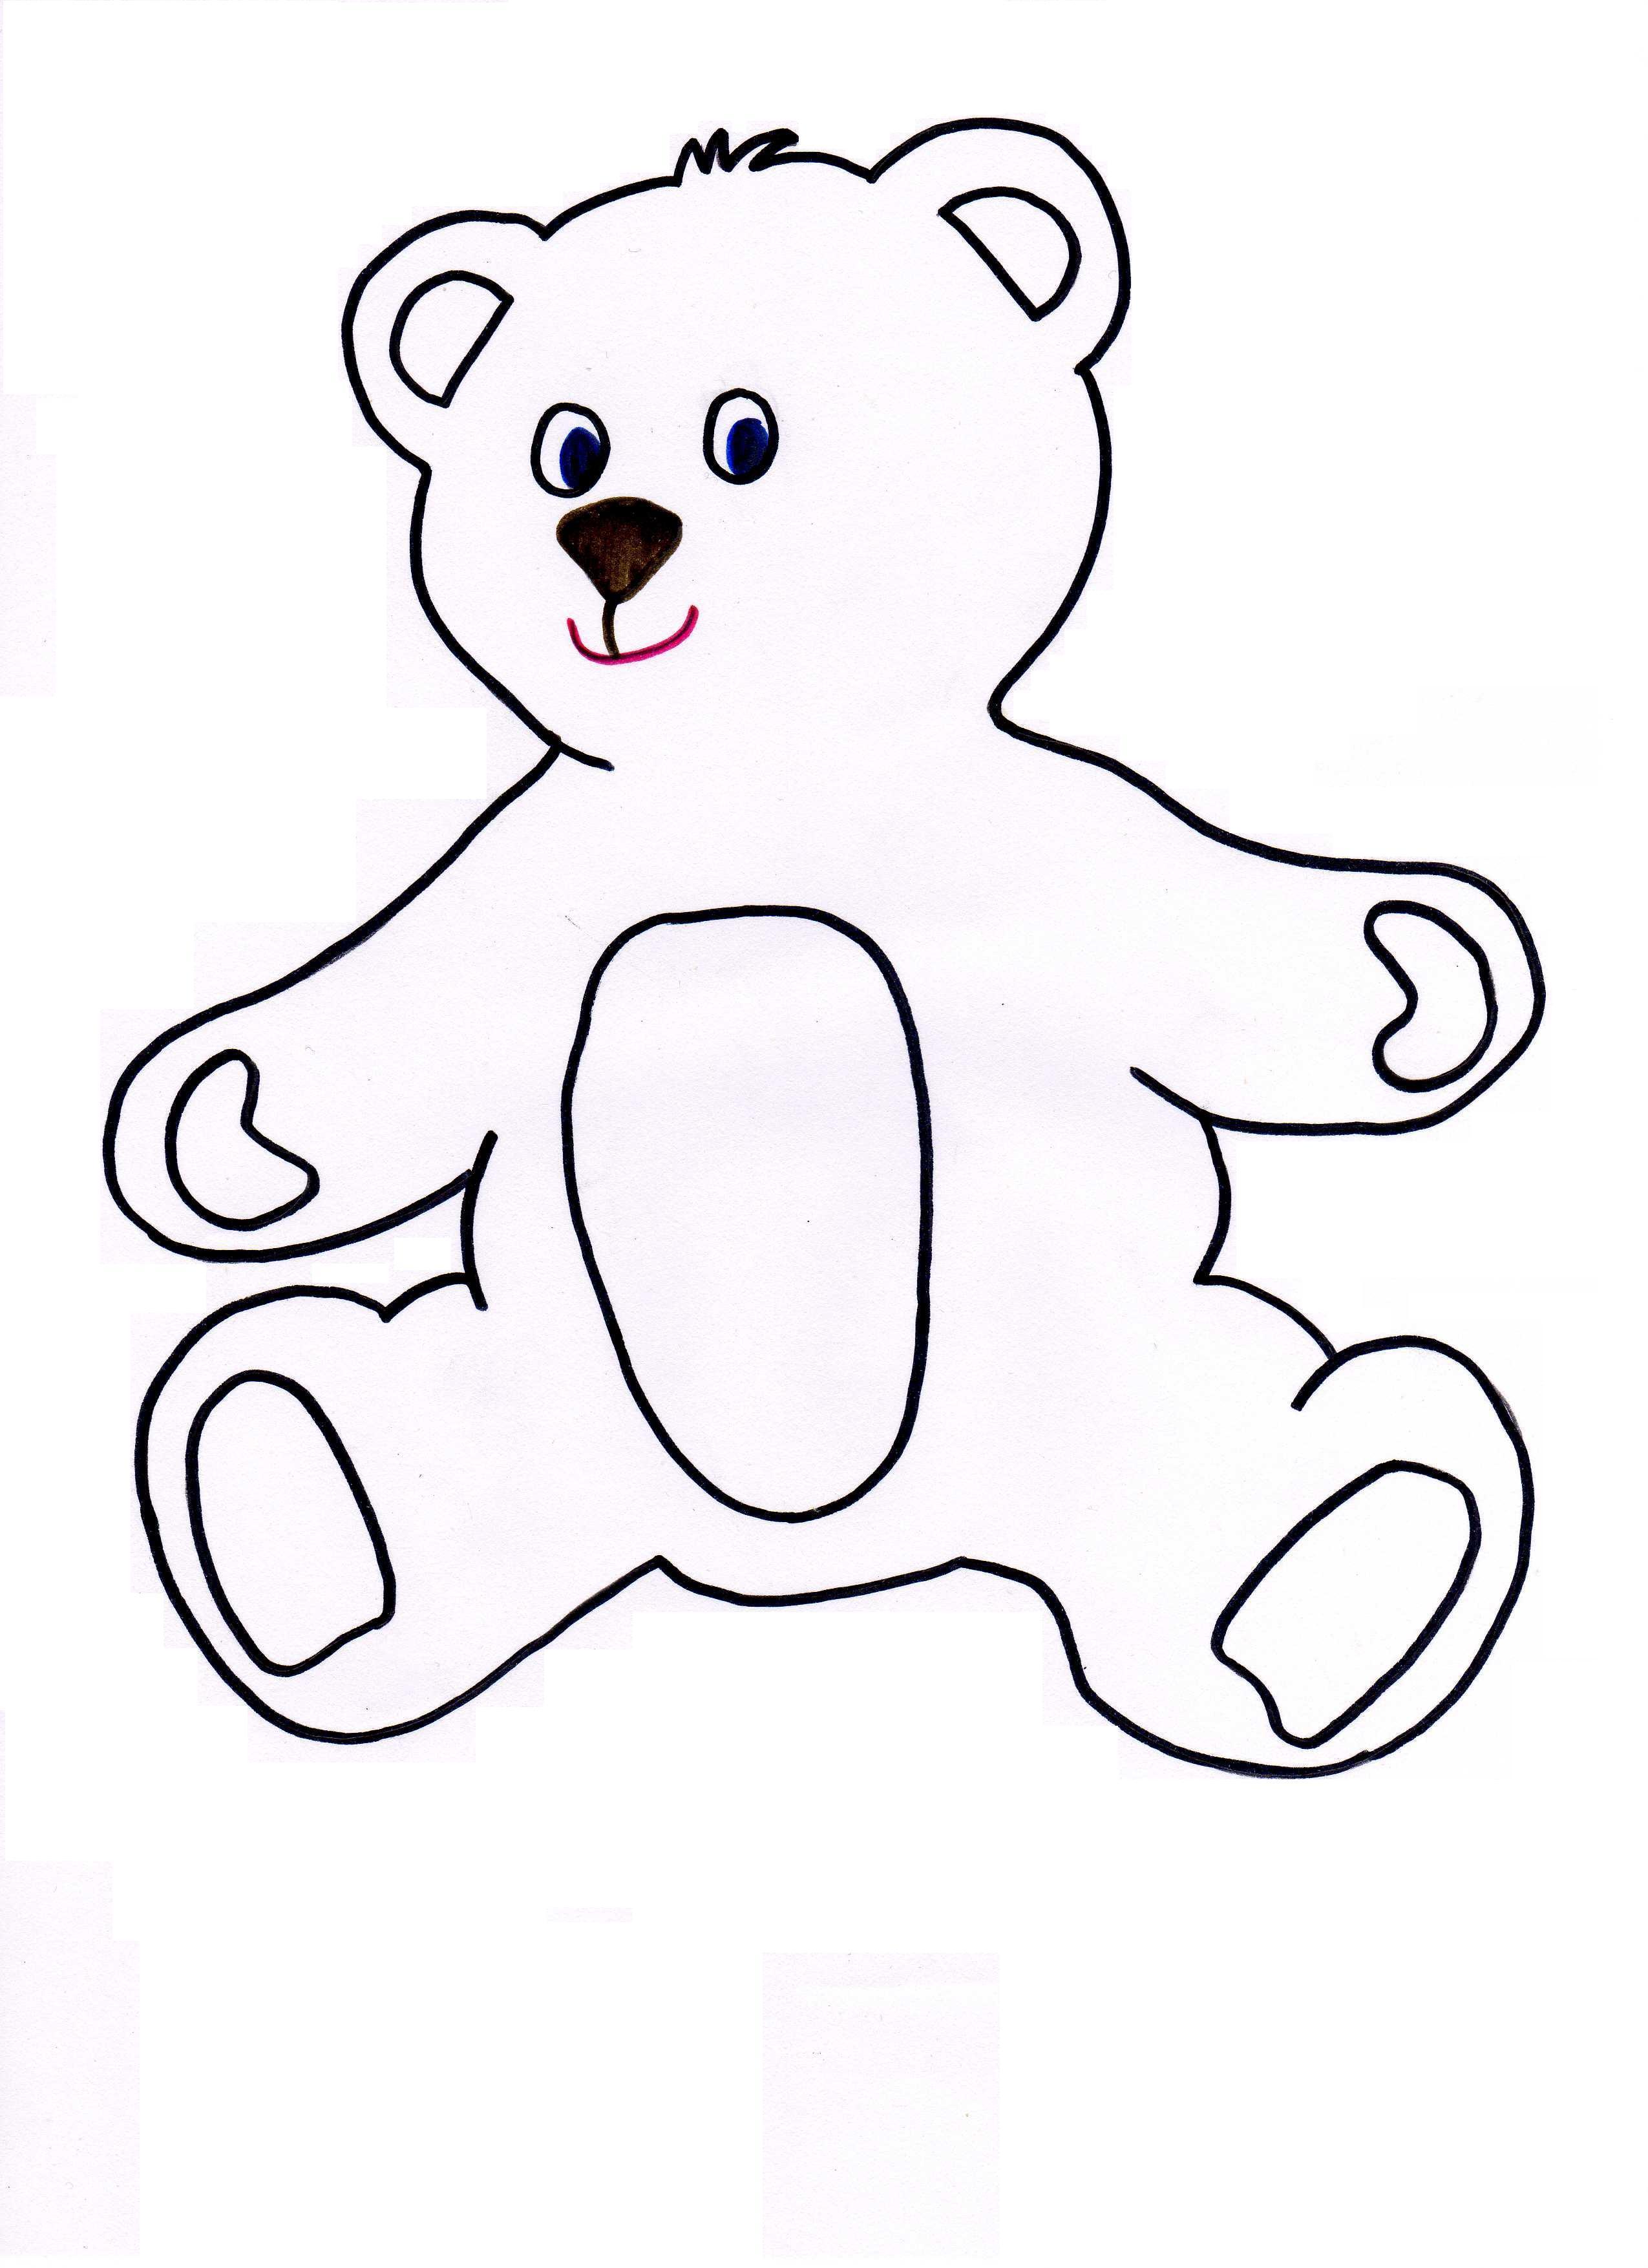 Denim Teddy Bear Pattern | Teddy bear patterns free, Teddy ... |Teddy Bear Template